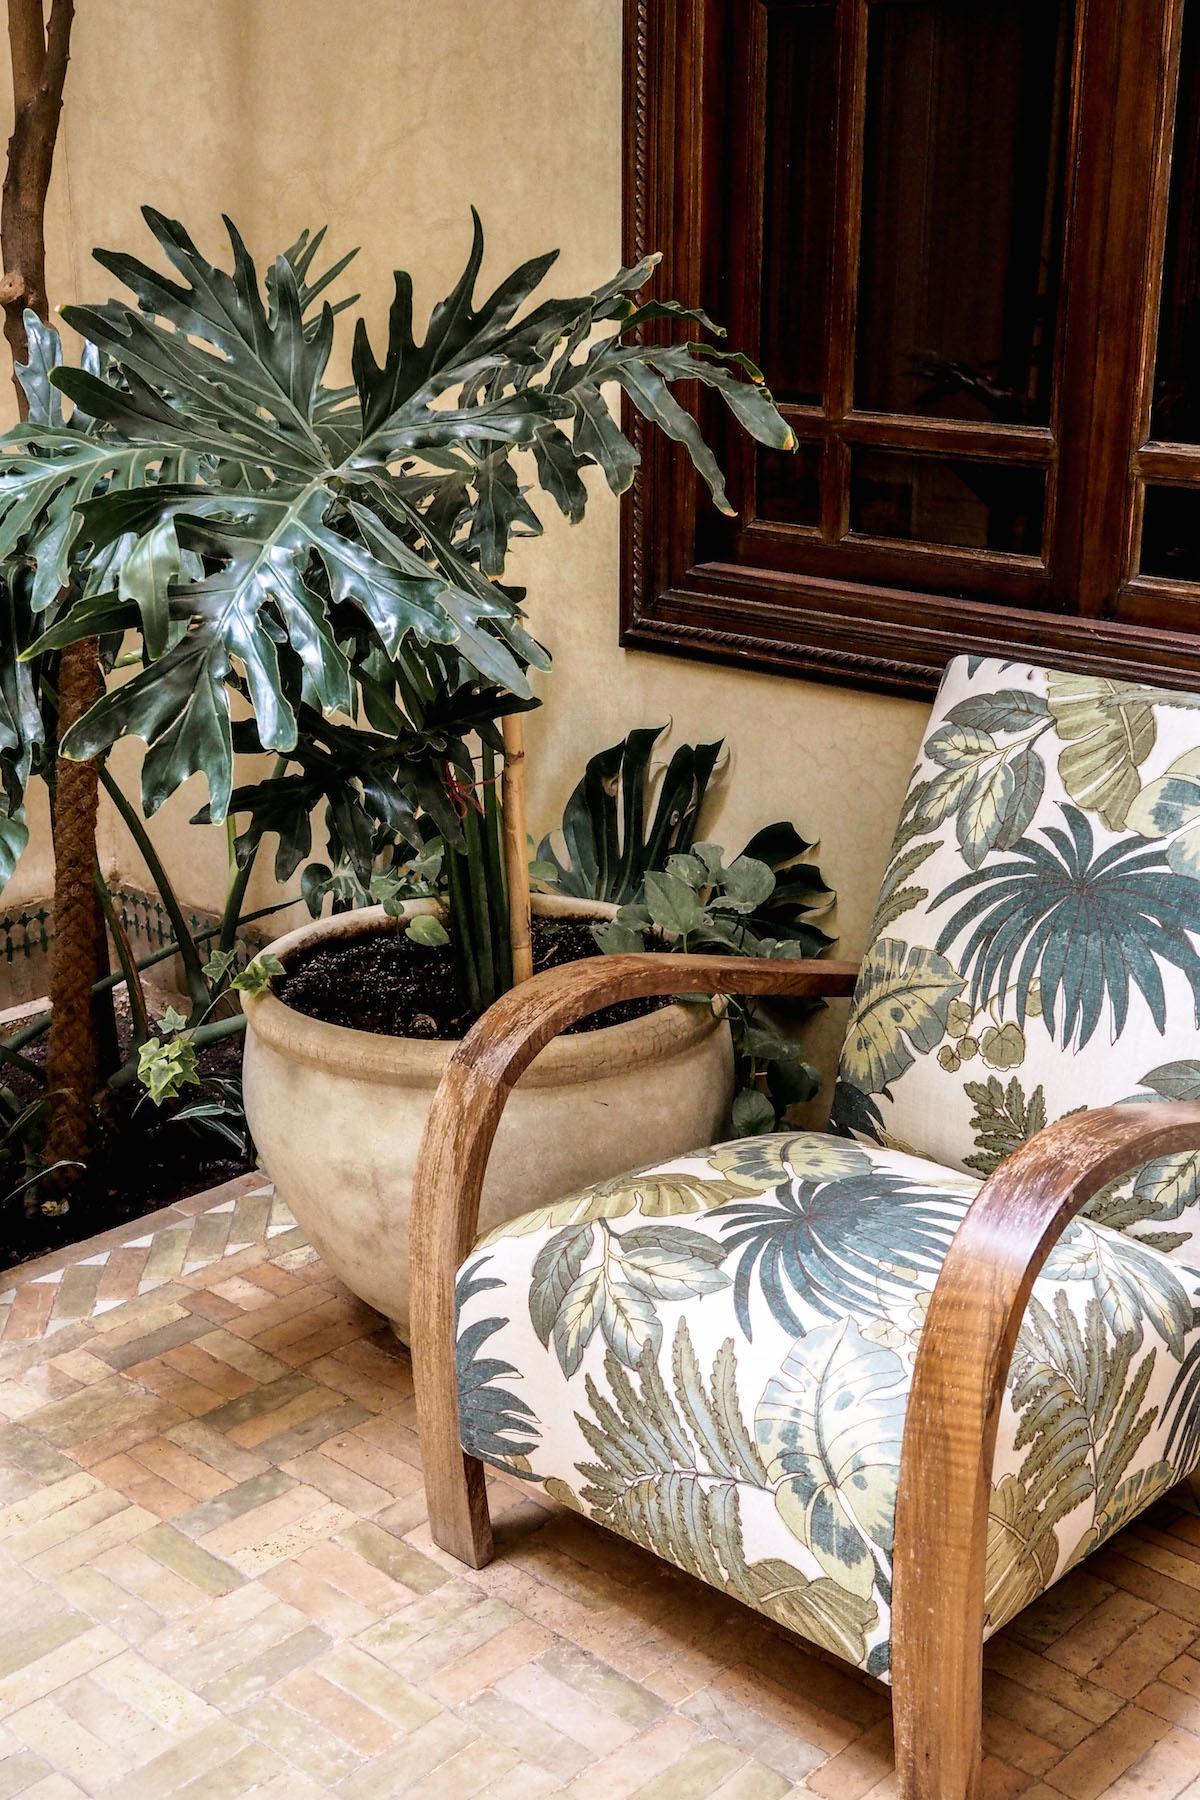 Palm leaf print chair at Riad Kniza, Marrakech